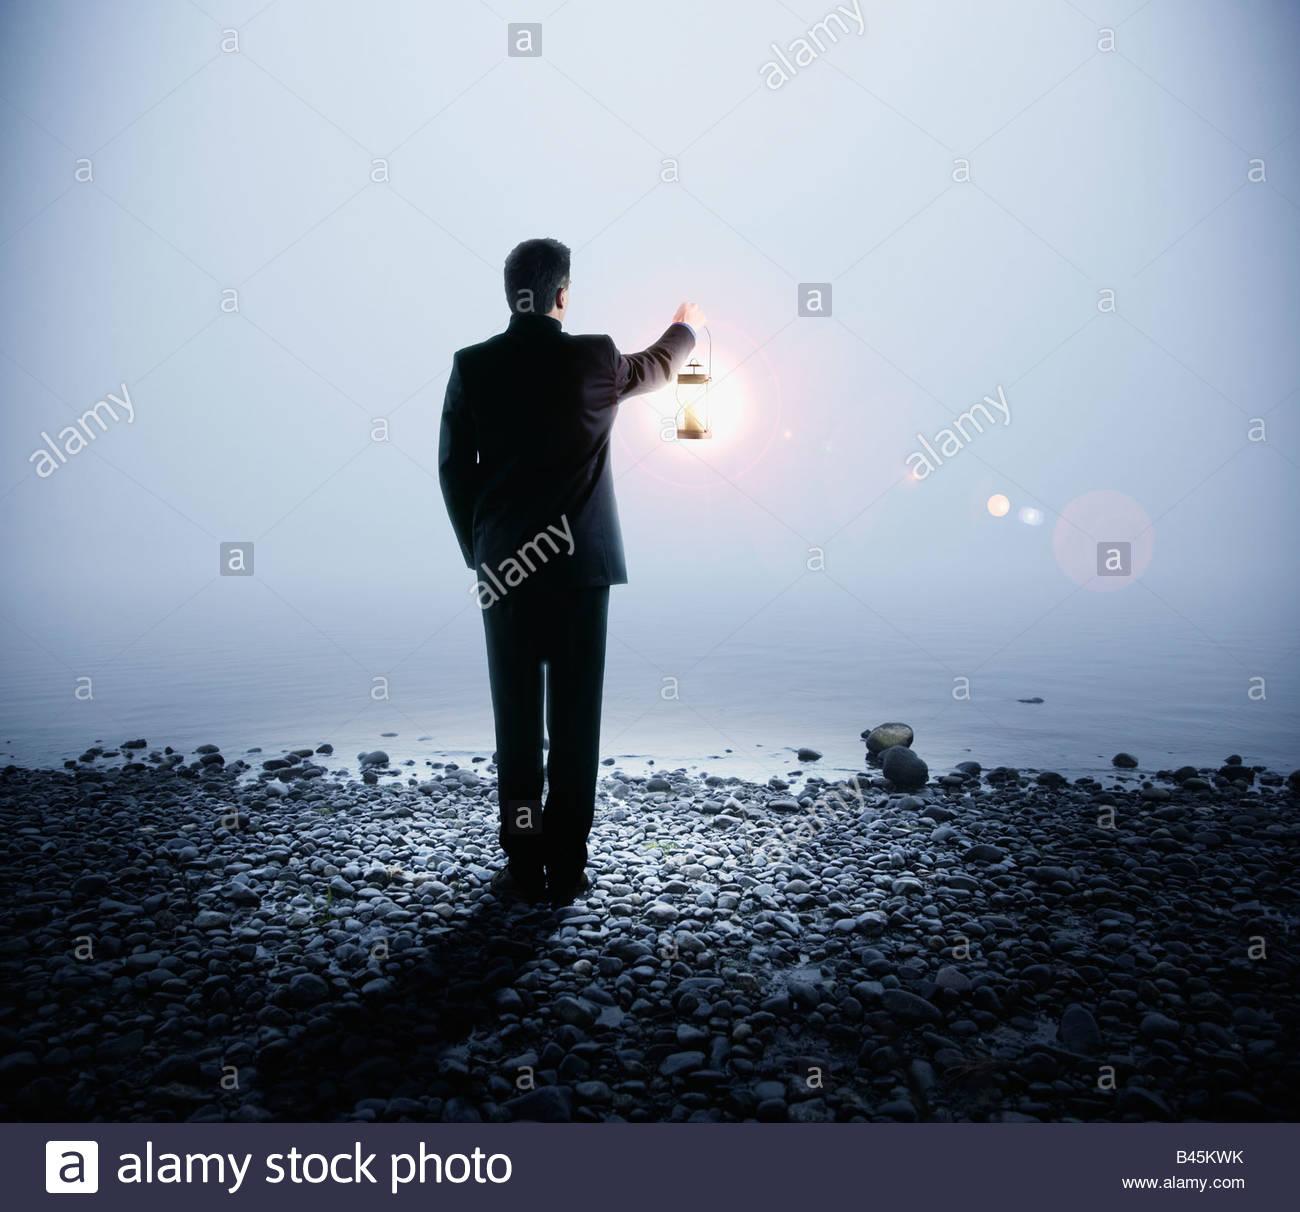 Il businessman portoghese holding lanterna accanto all'acqua Foto Stock